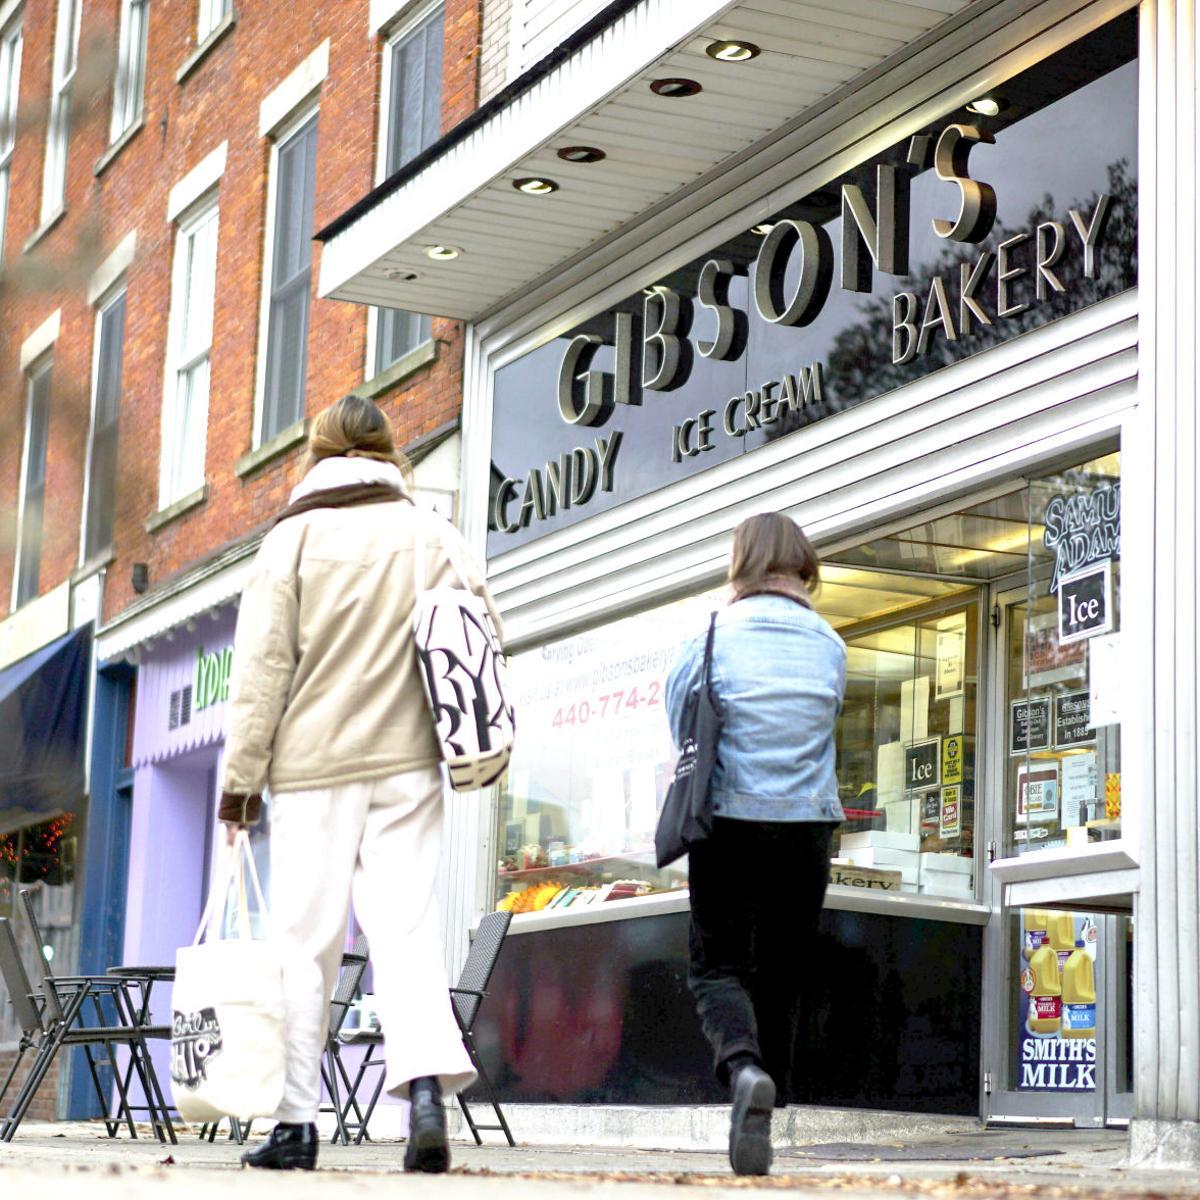 Gibson's Bakery wins $44 million in lawsuit against Oberlin